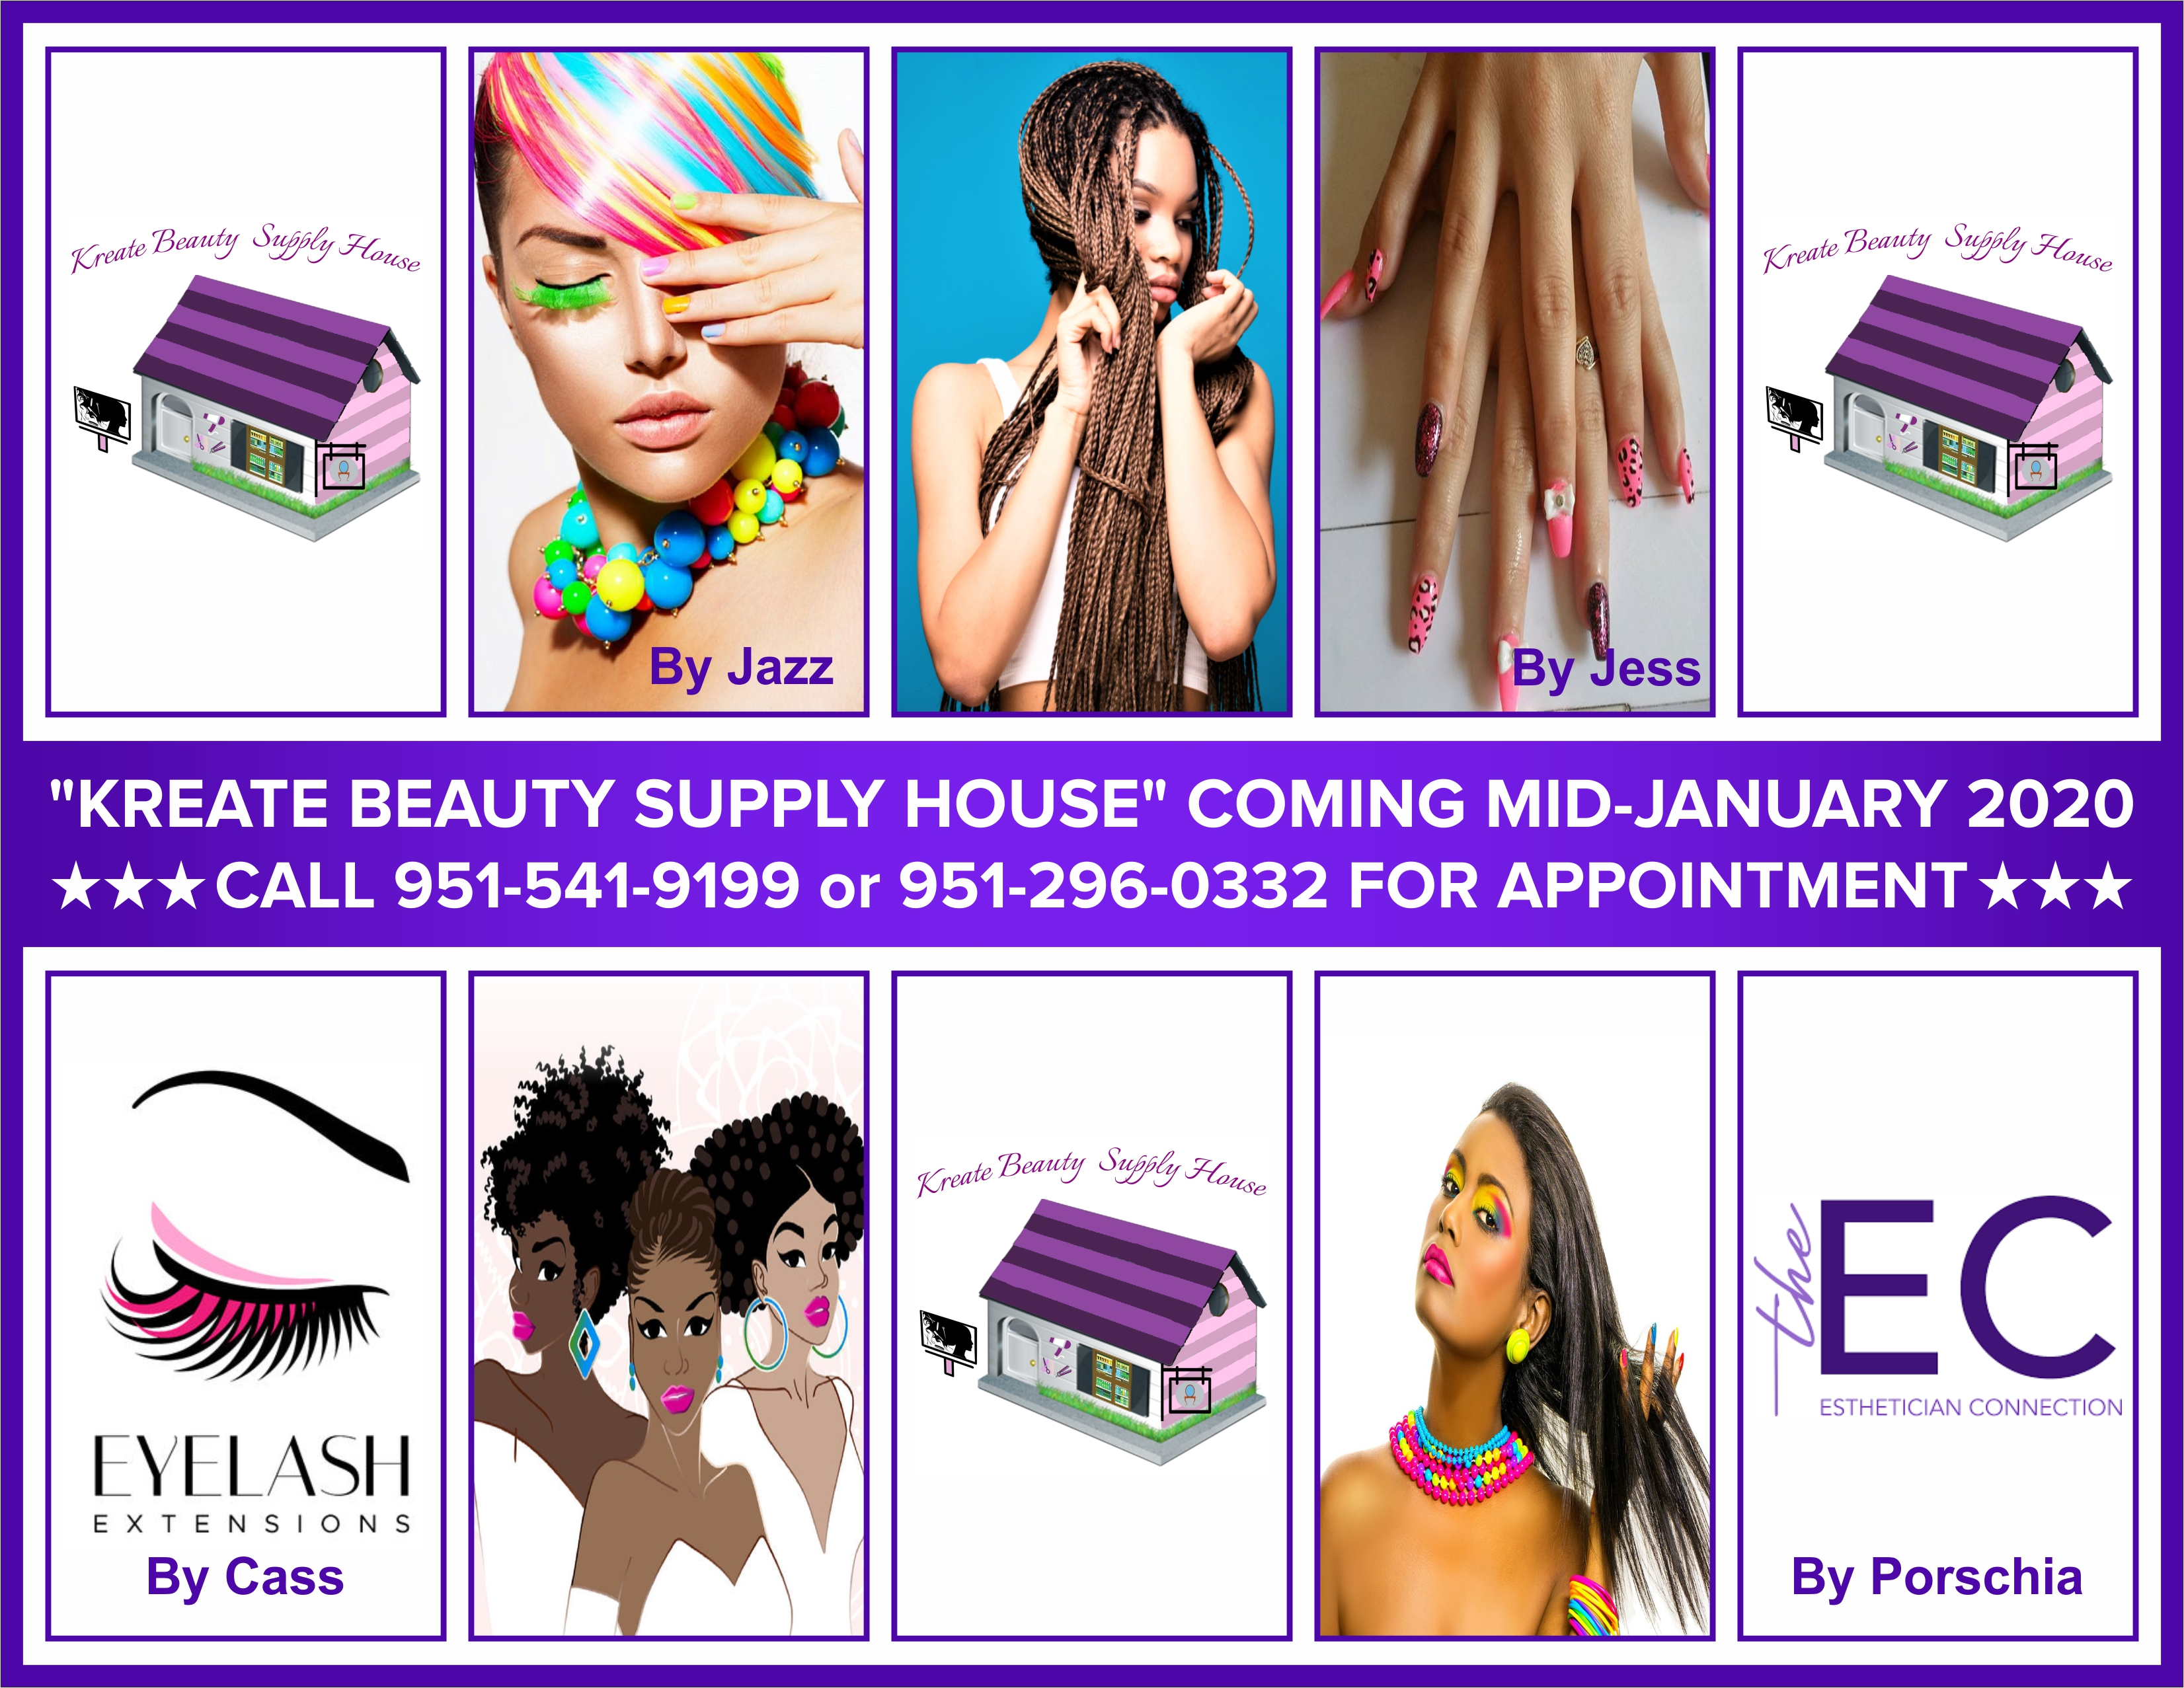 Kreate Beauty Supply House